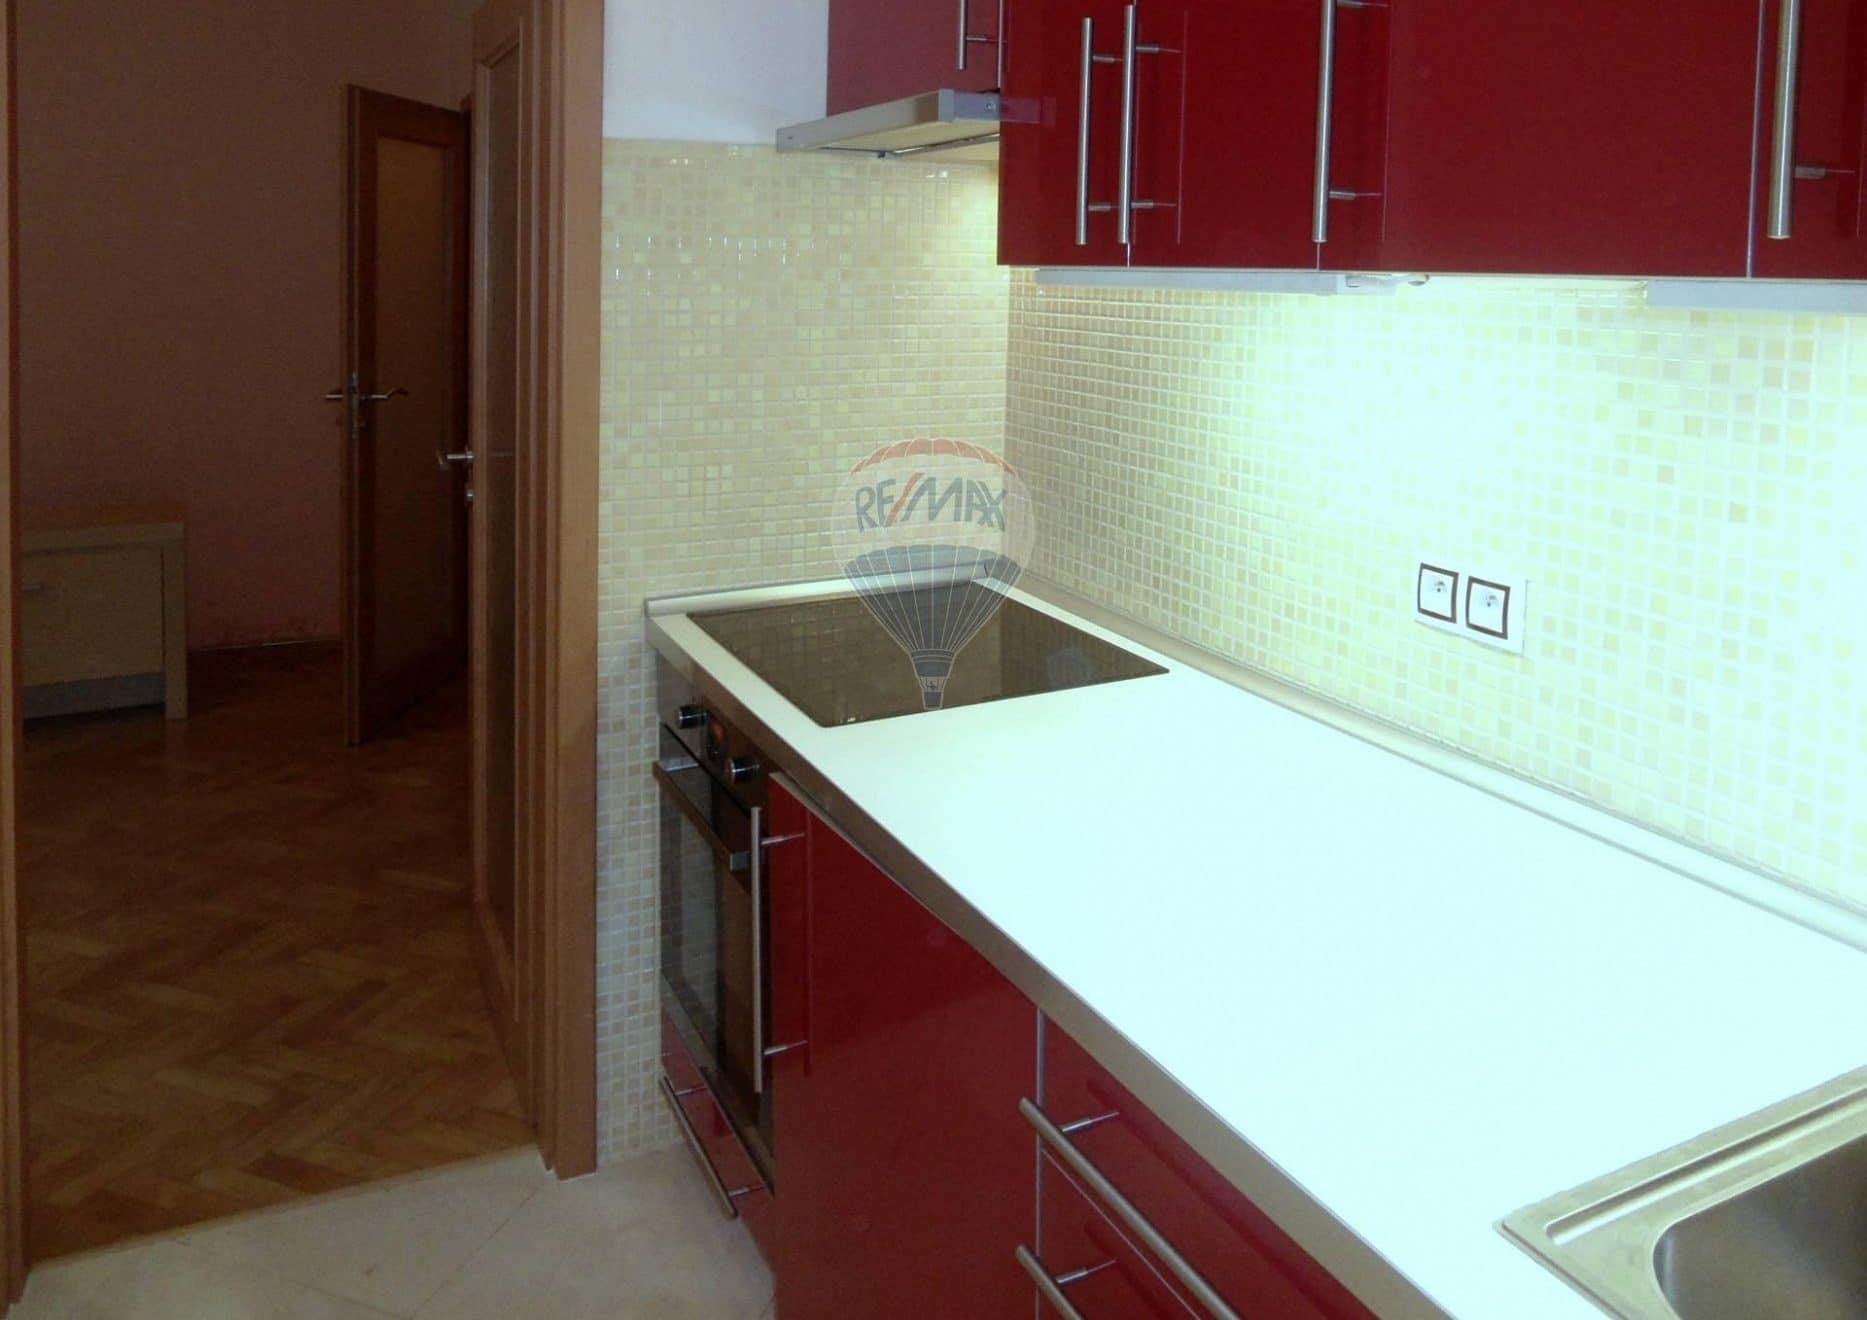 למכירה בפראג 4 דירת 26 מר 1+KK (7)